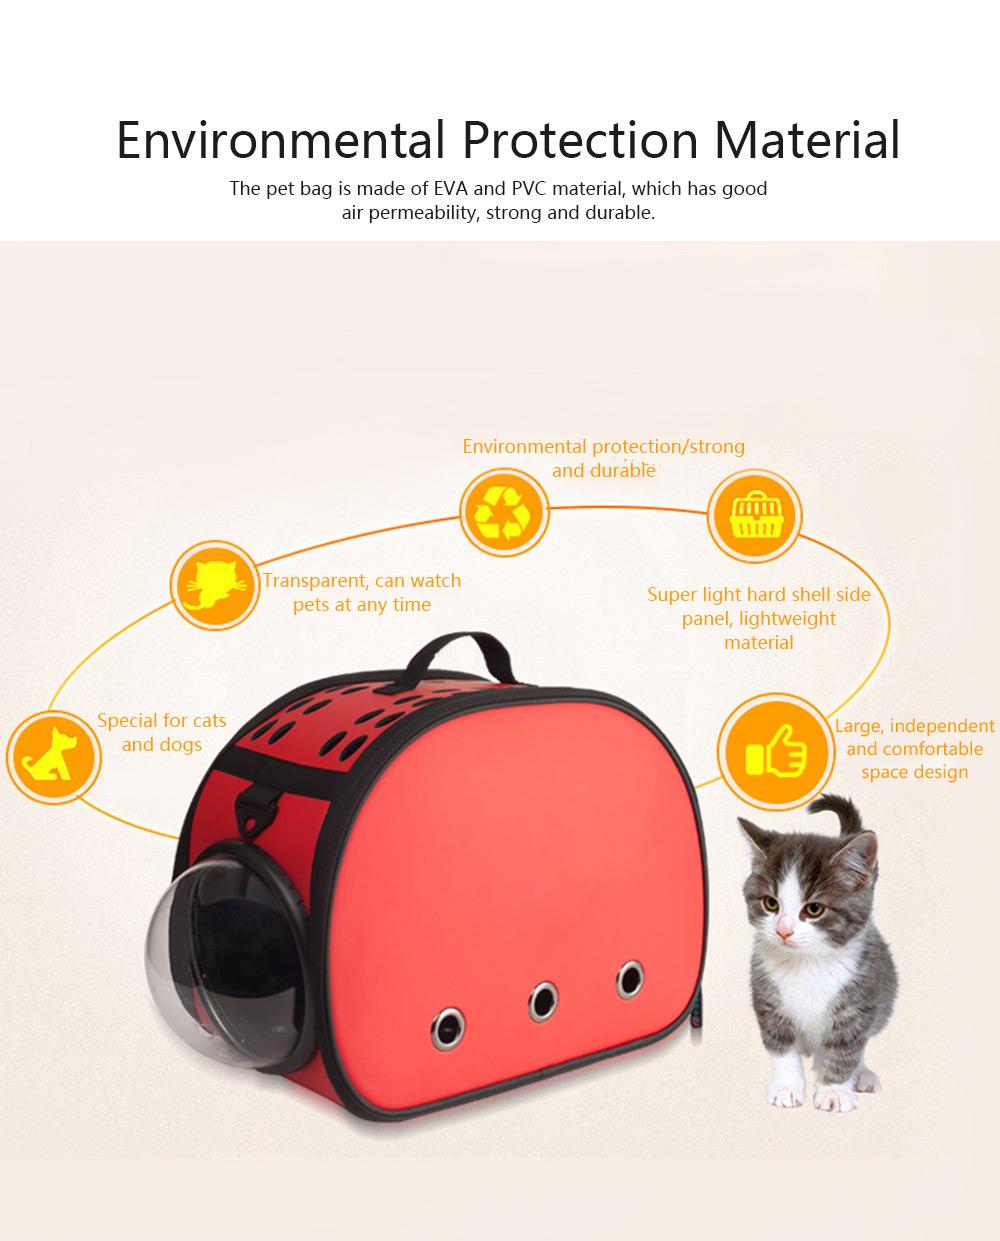 Pet Bag Intelligent Cooling EVA Puppy Travel Cage Portable Collapsible One Shoulder Handbag for Pet Dog Cat Travel Bag 1